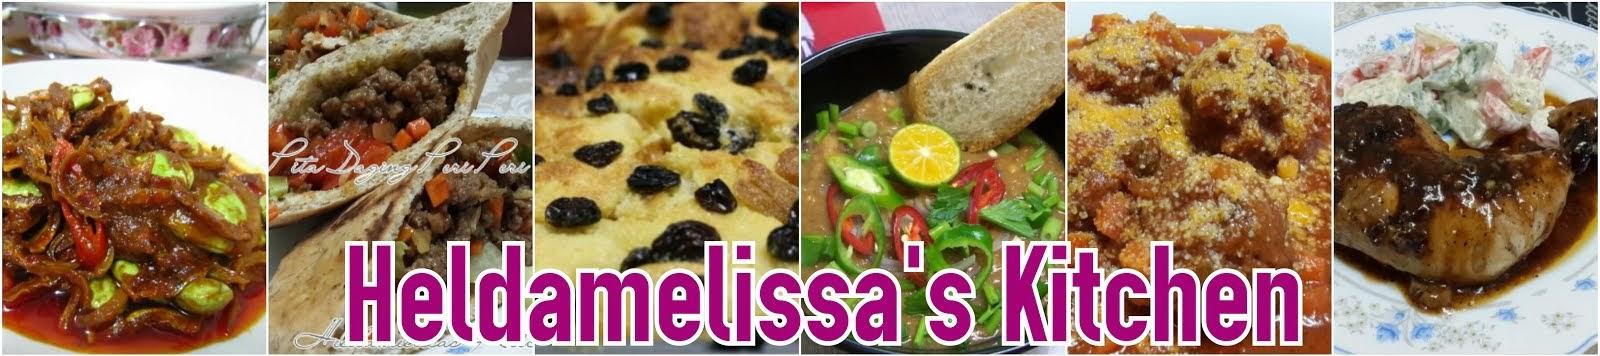 Heldamelissa's Kitchen